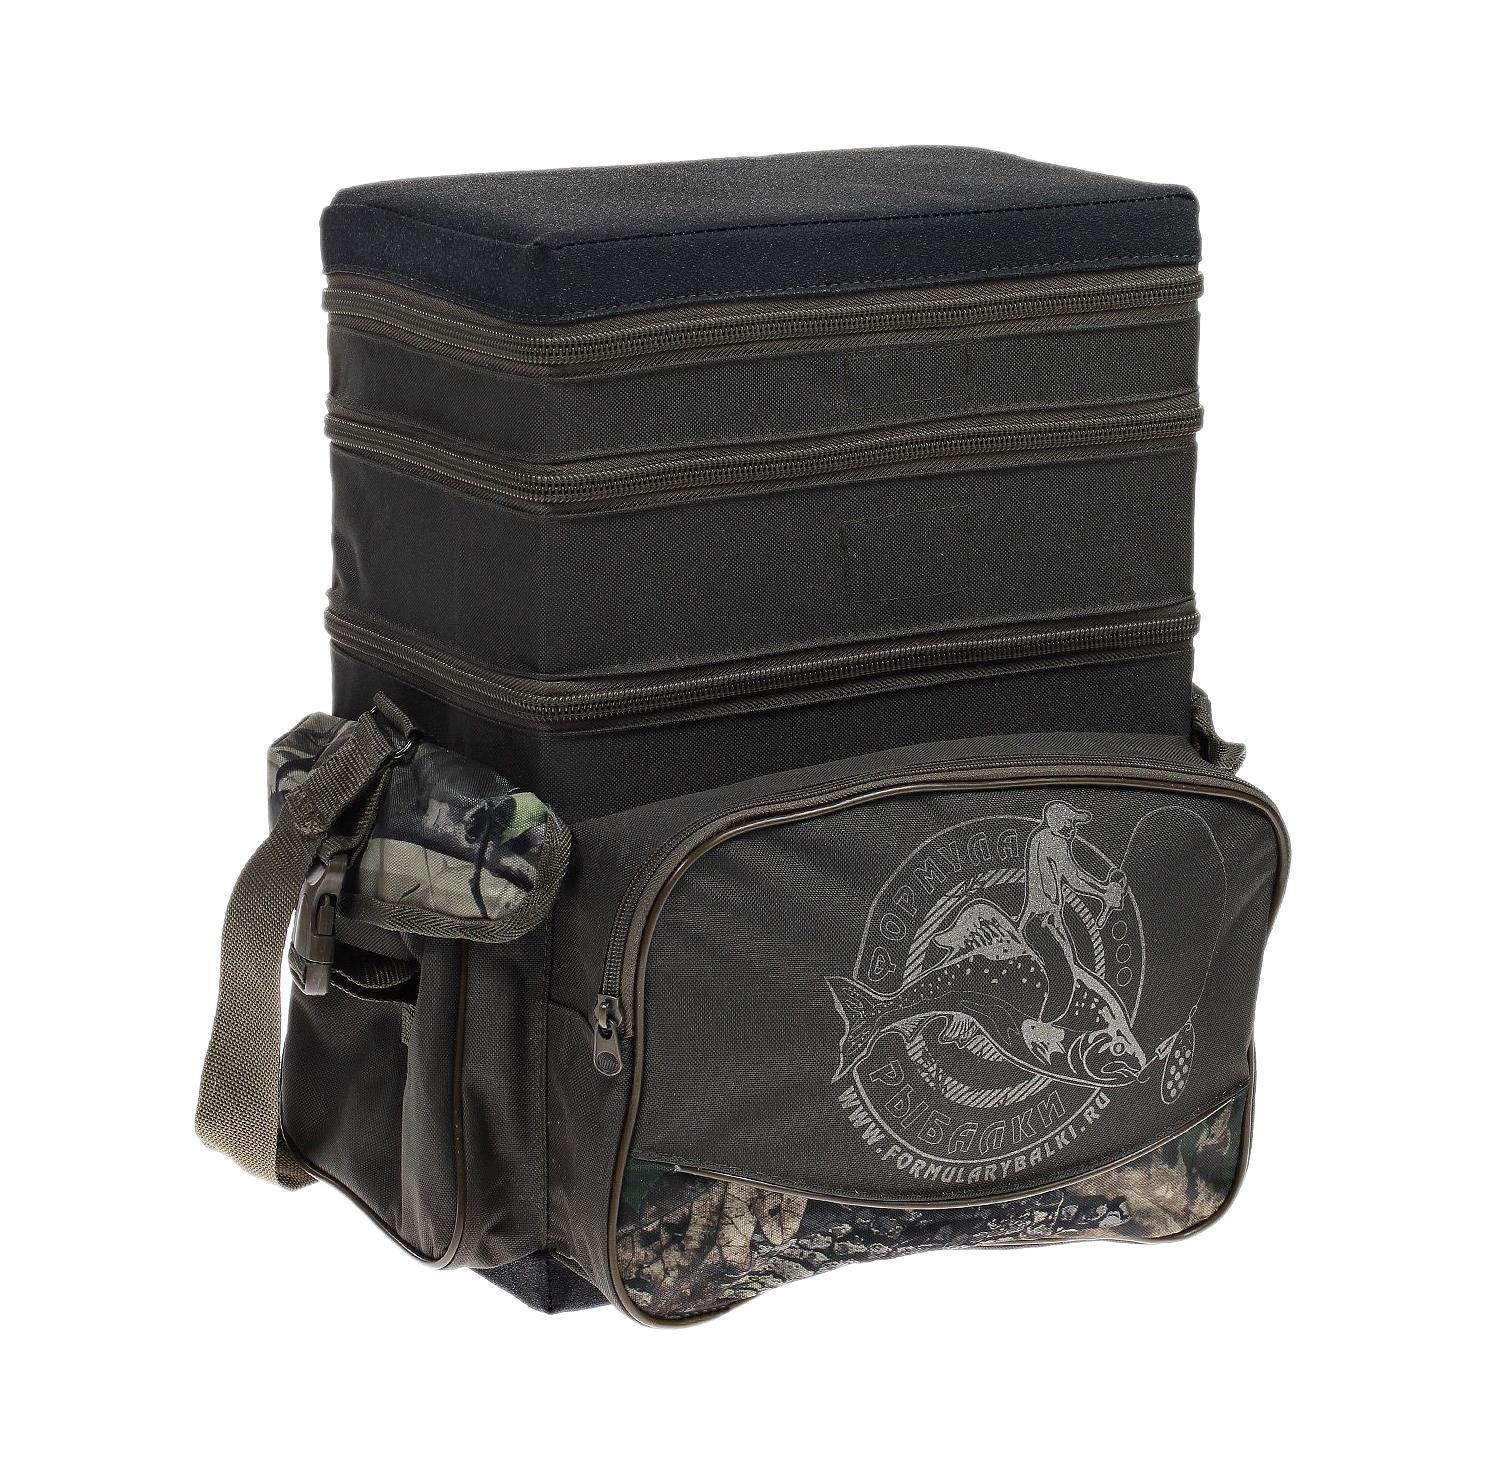 Ящик-рюкзак рыболовный Формула рыбалки, зимний, 3 яруса наталья шешко маникюр и педикюр